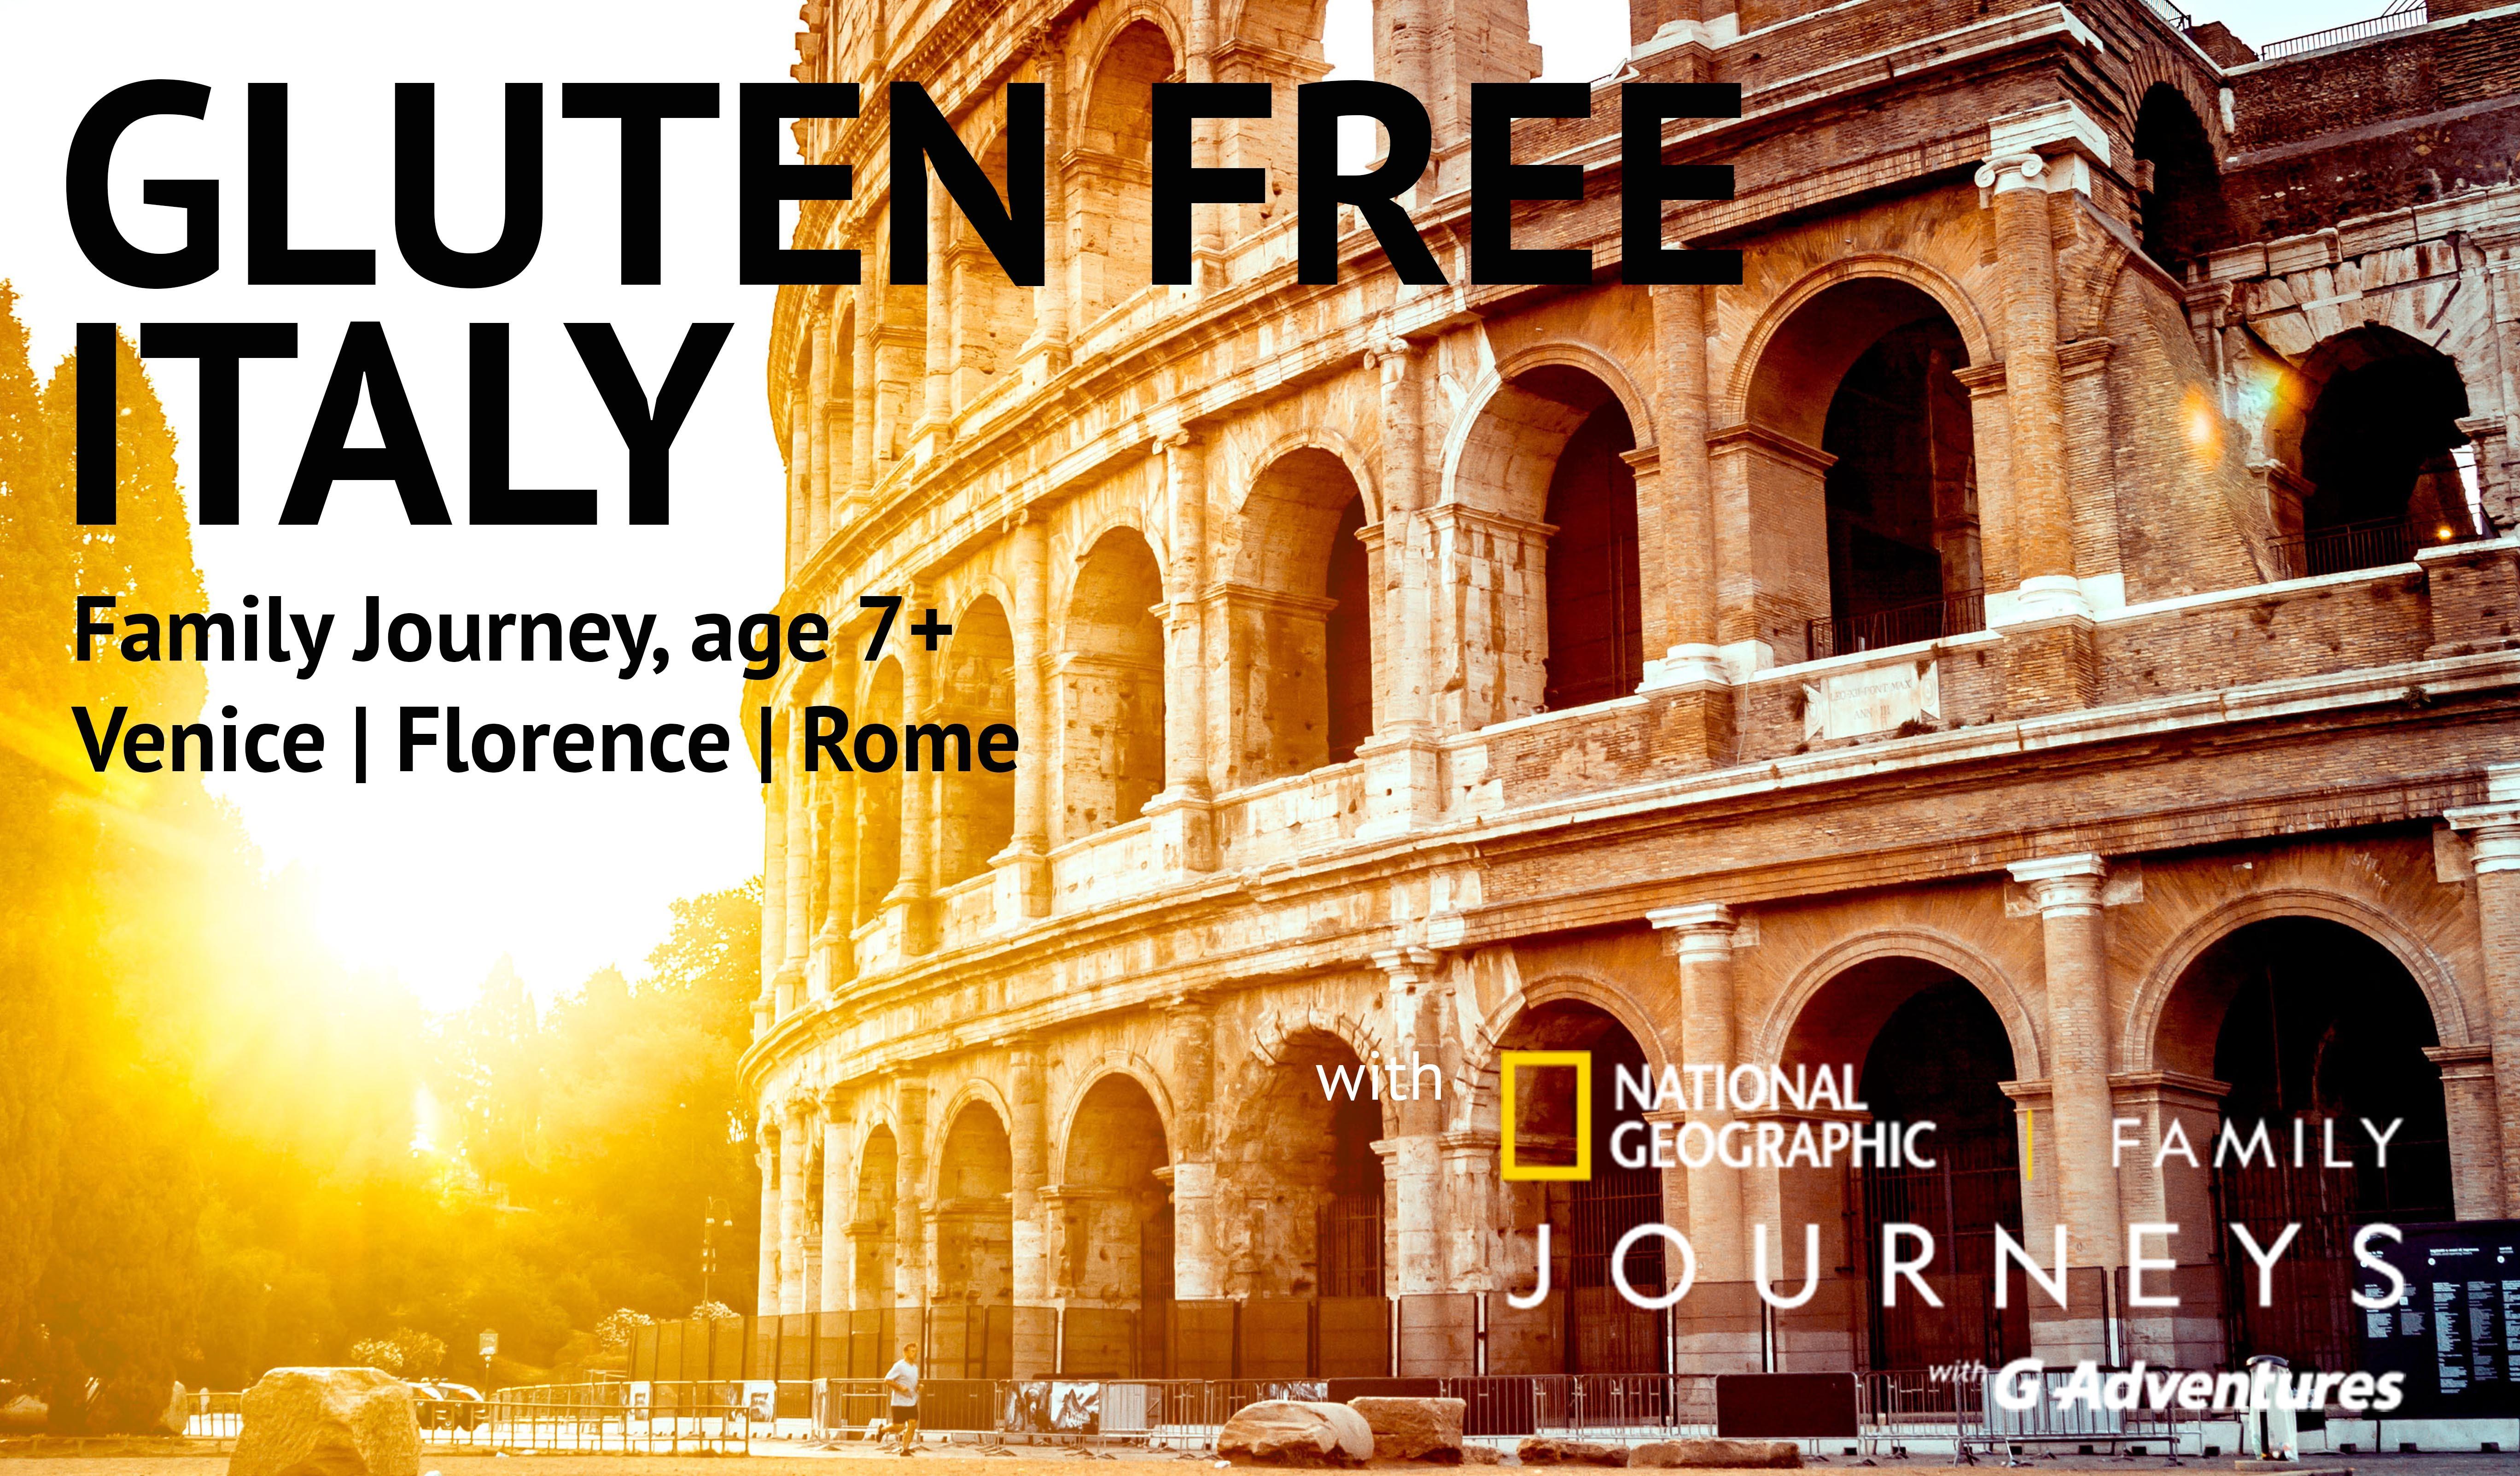 Gluten Free Italy - October 17-24, 2020